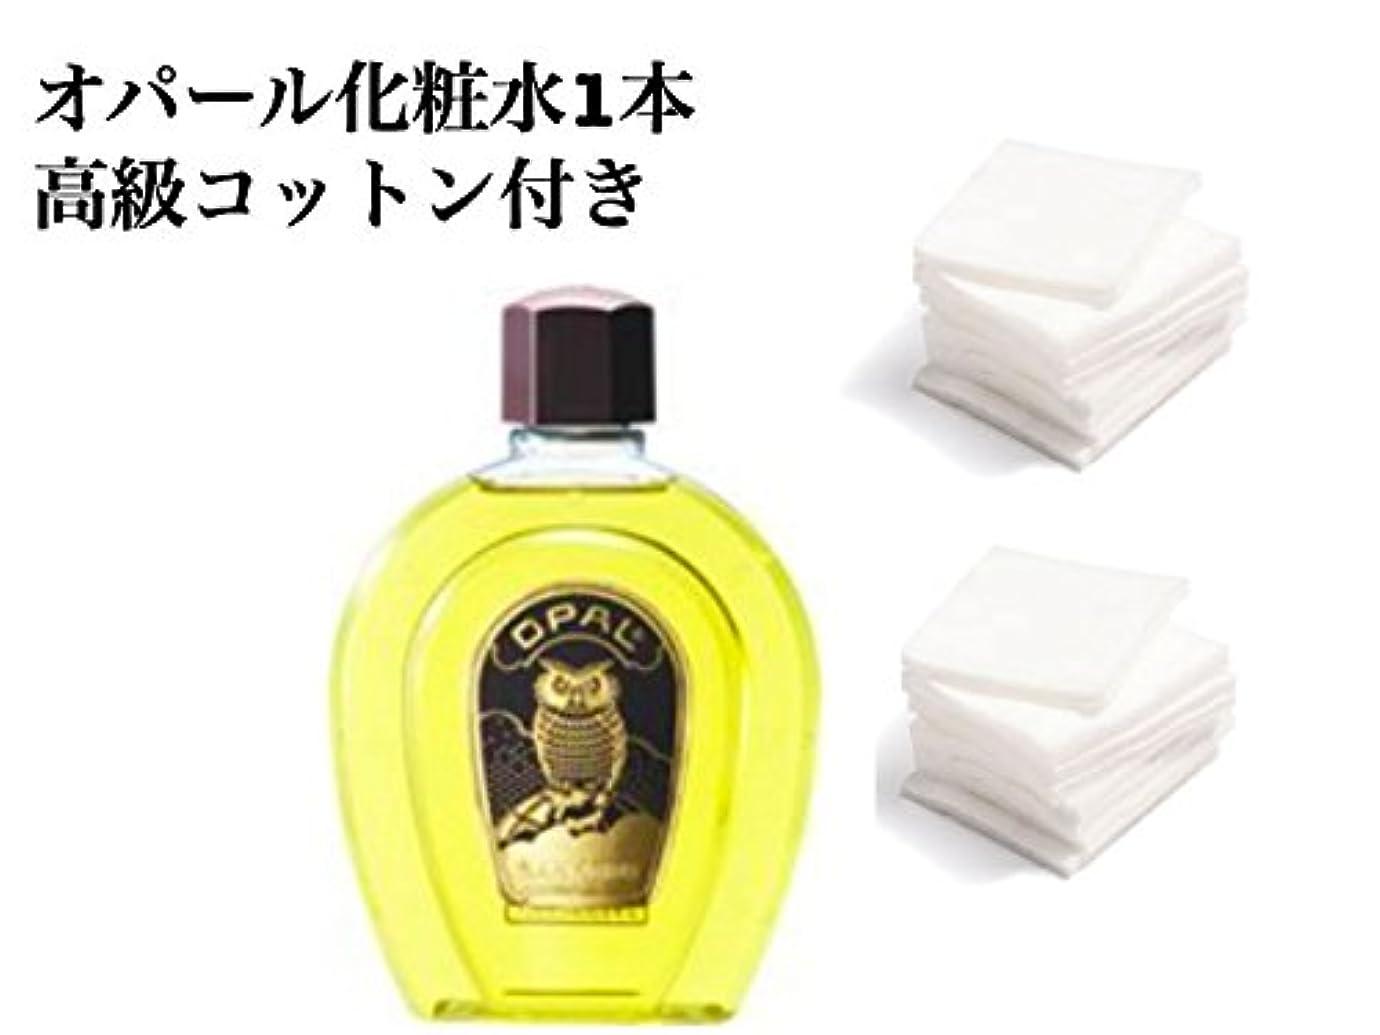 薬用オパール_普通肌?荒肌用化粧水 [医薬部外品] (460mL)